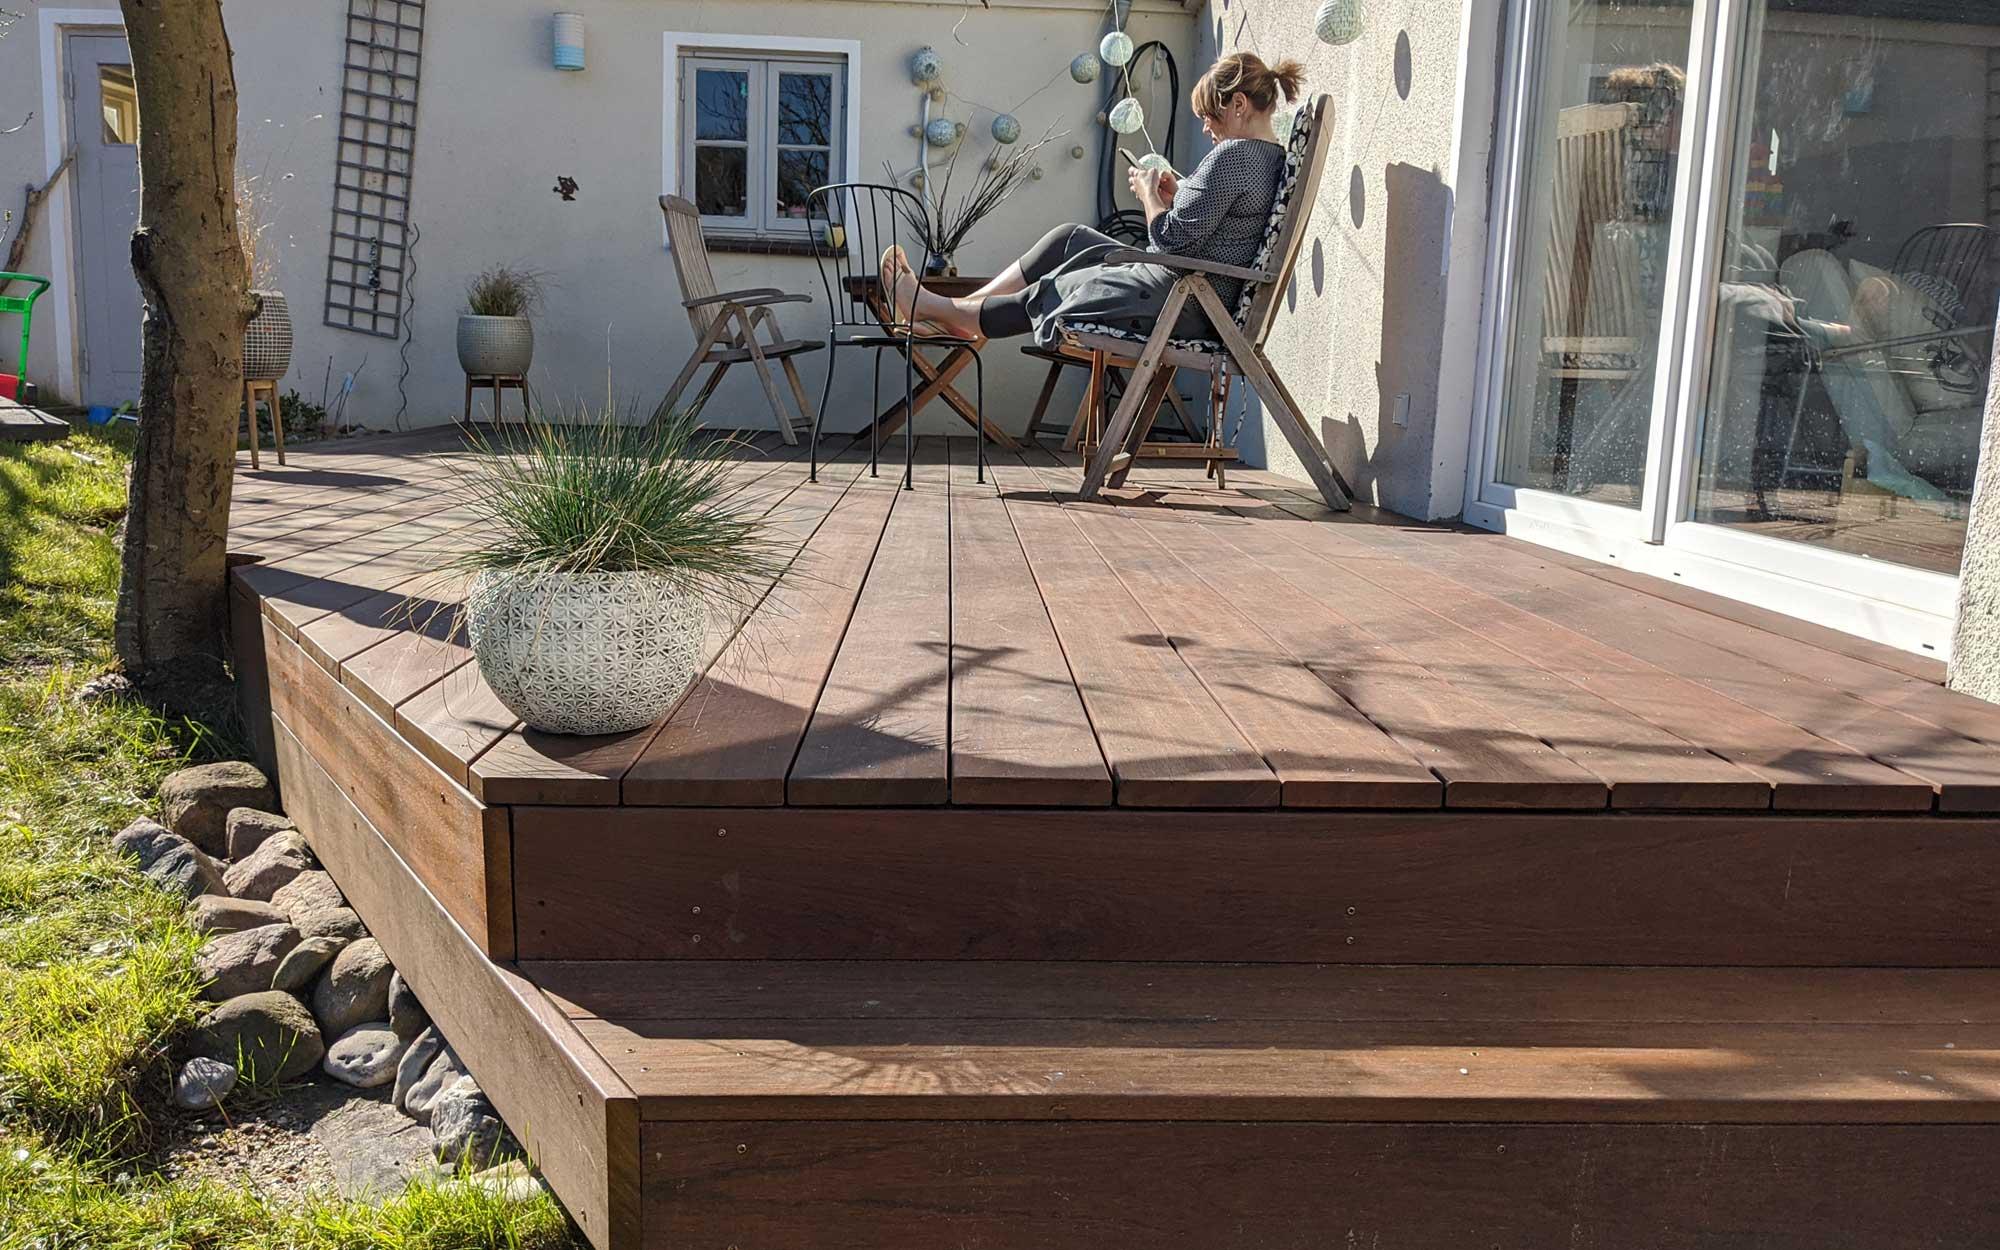 terrassenbau Kiel - eine Bangkirai Terrasse von uns gebaut